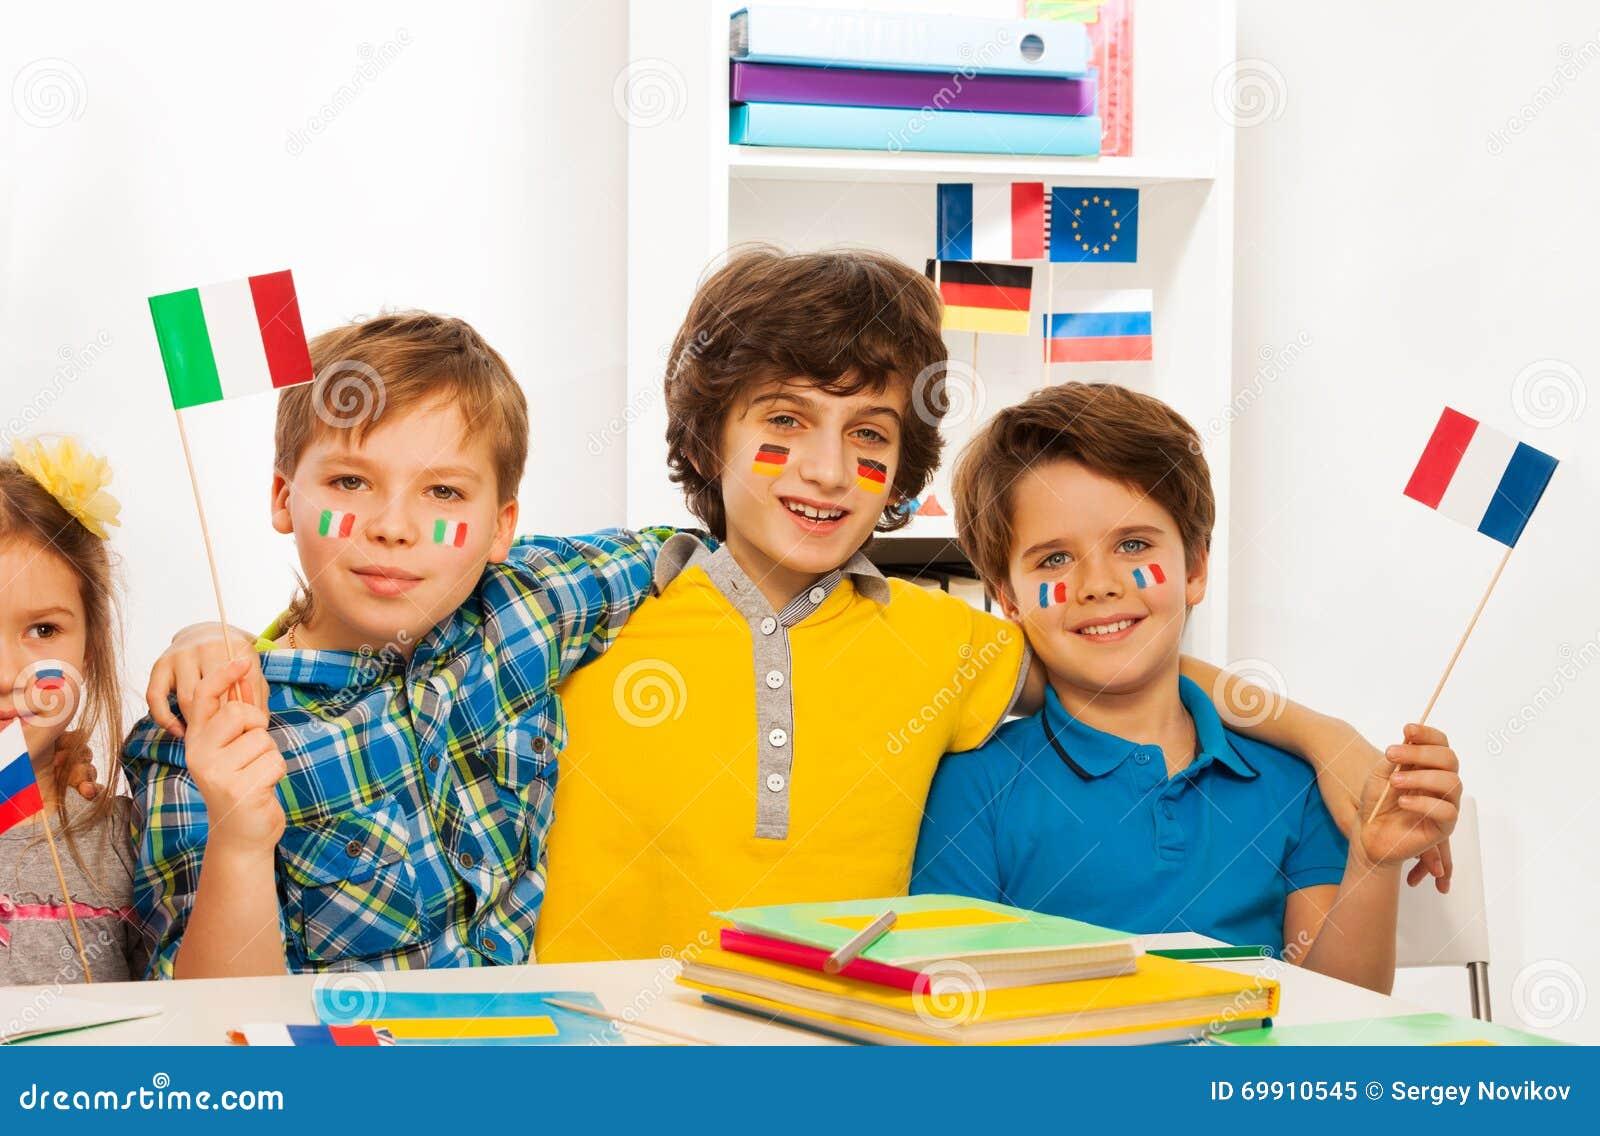 vier kinder mit fahnen auf den backen die flaggen